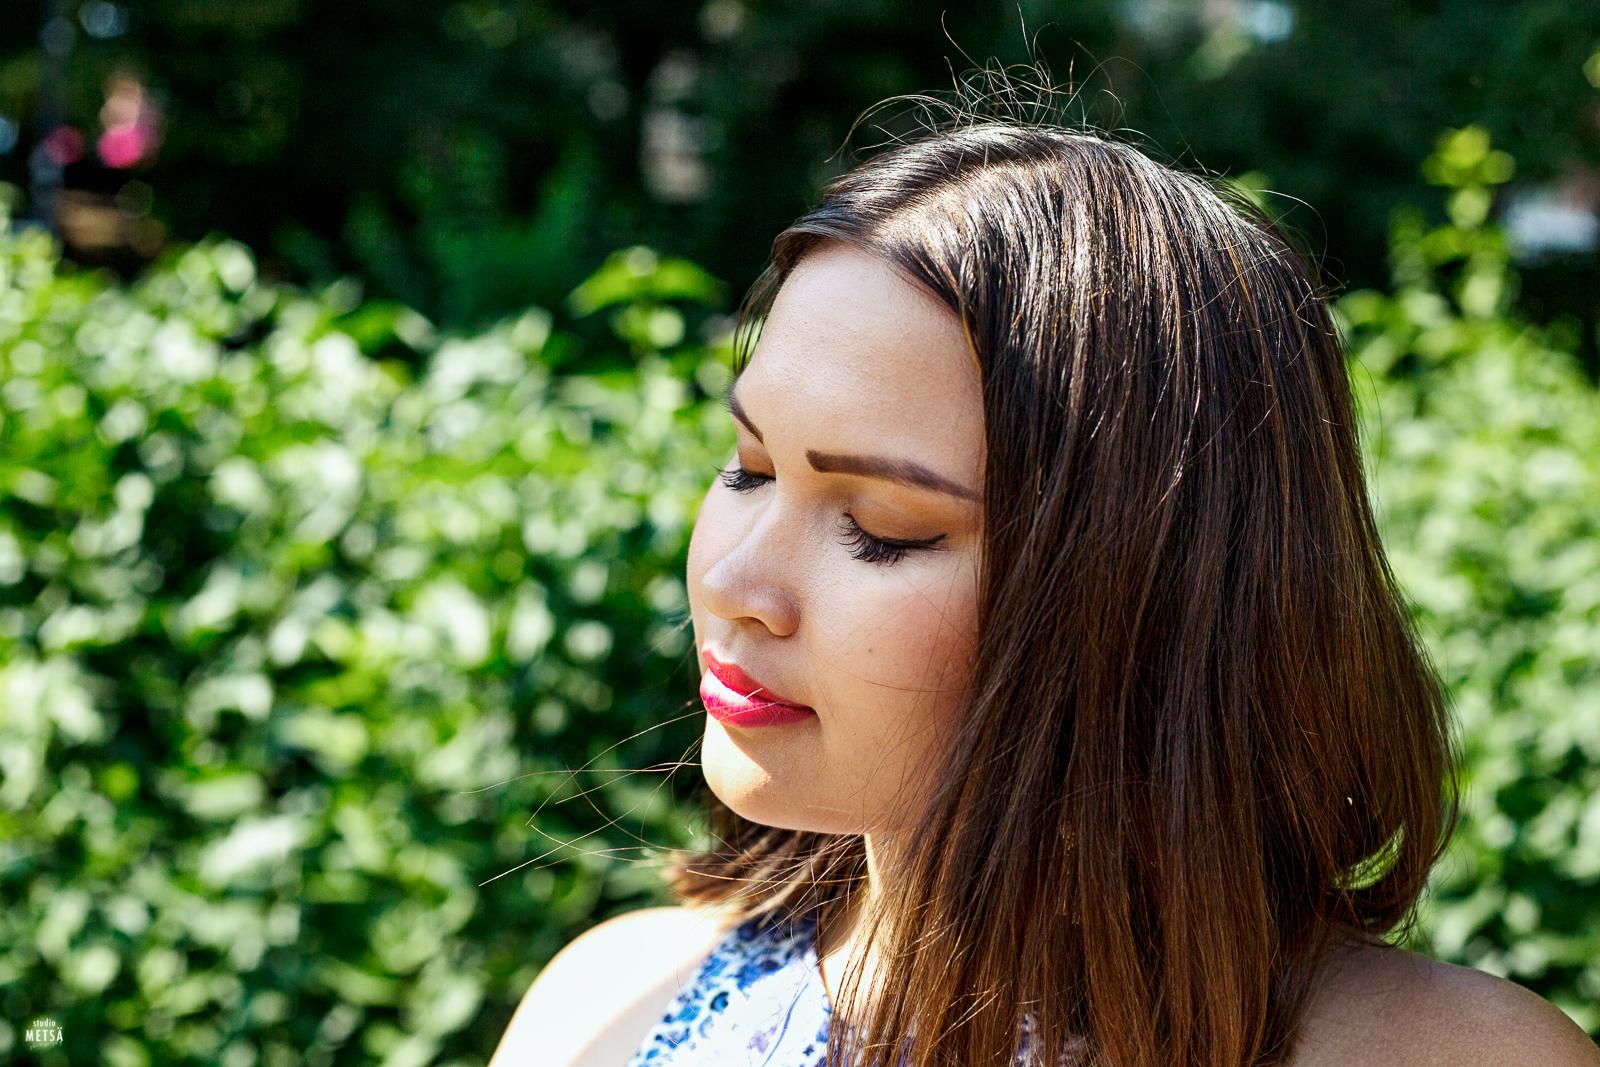 Kehonkuva ja kauneusihanne, Alicen tarina, Studio Metsä Photography